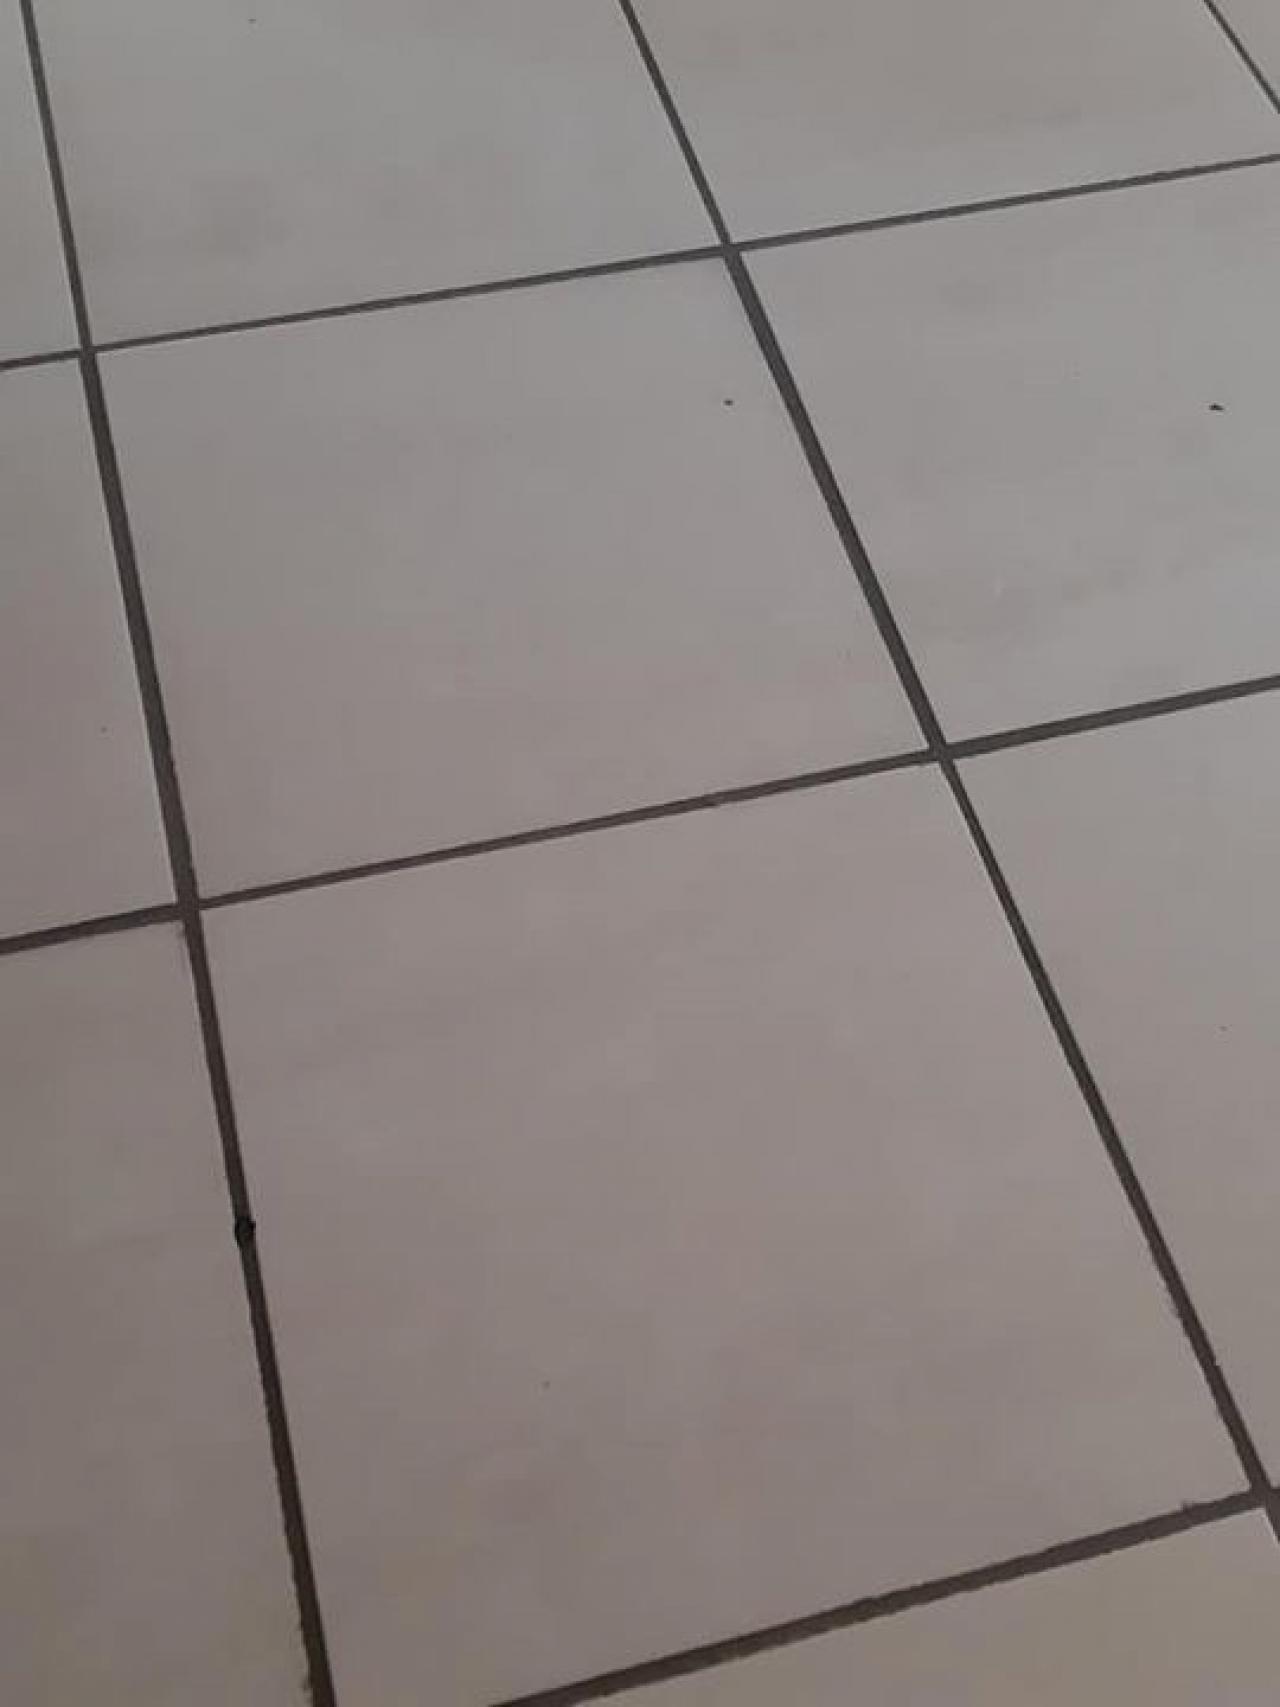 Colore Fughe Piastrelle Beige larghezza delle fughe non regolare: causato da piastrelle o